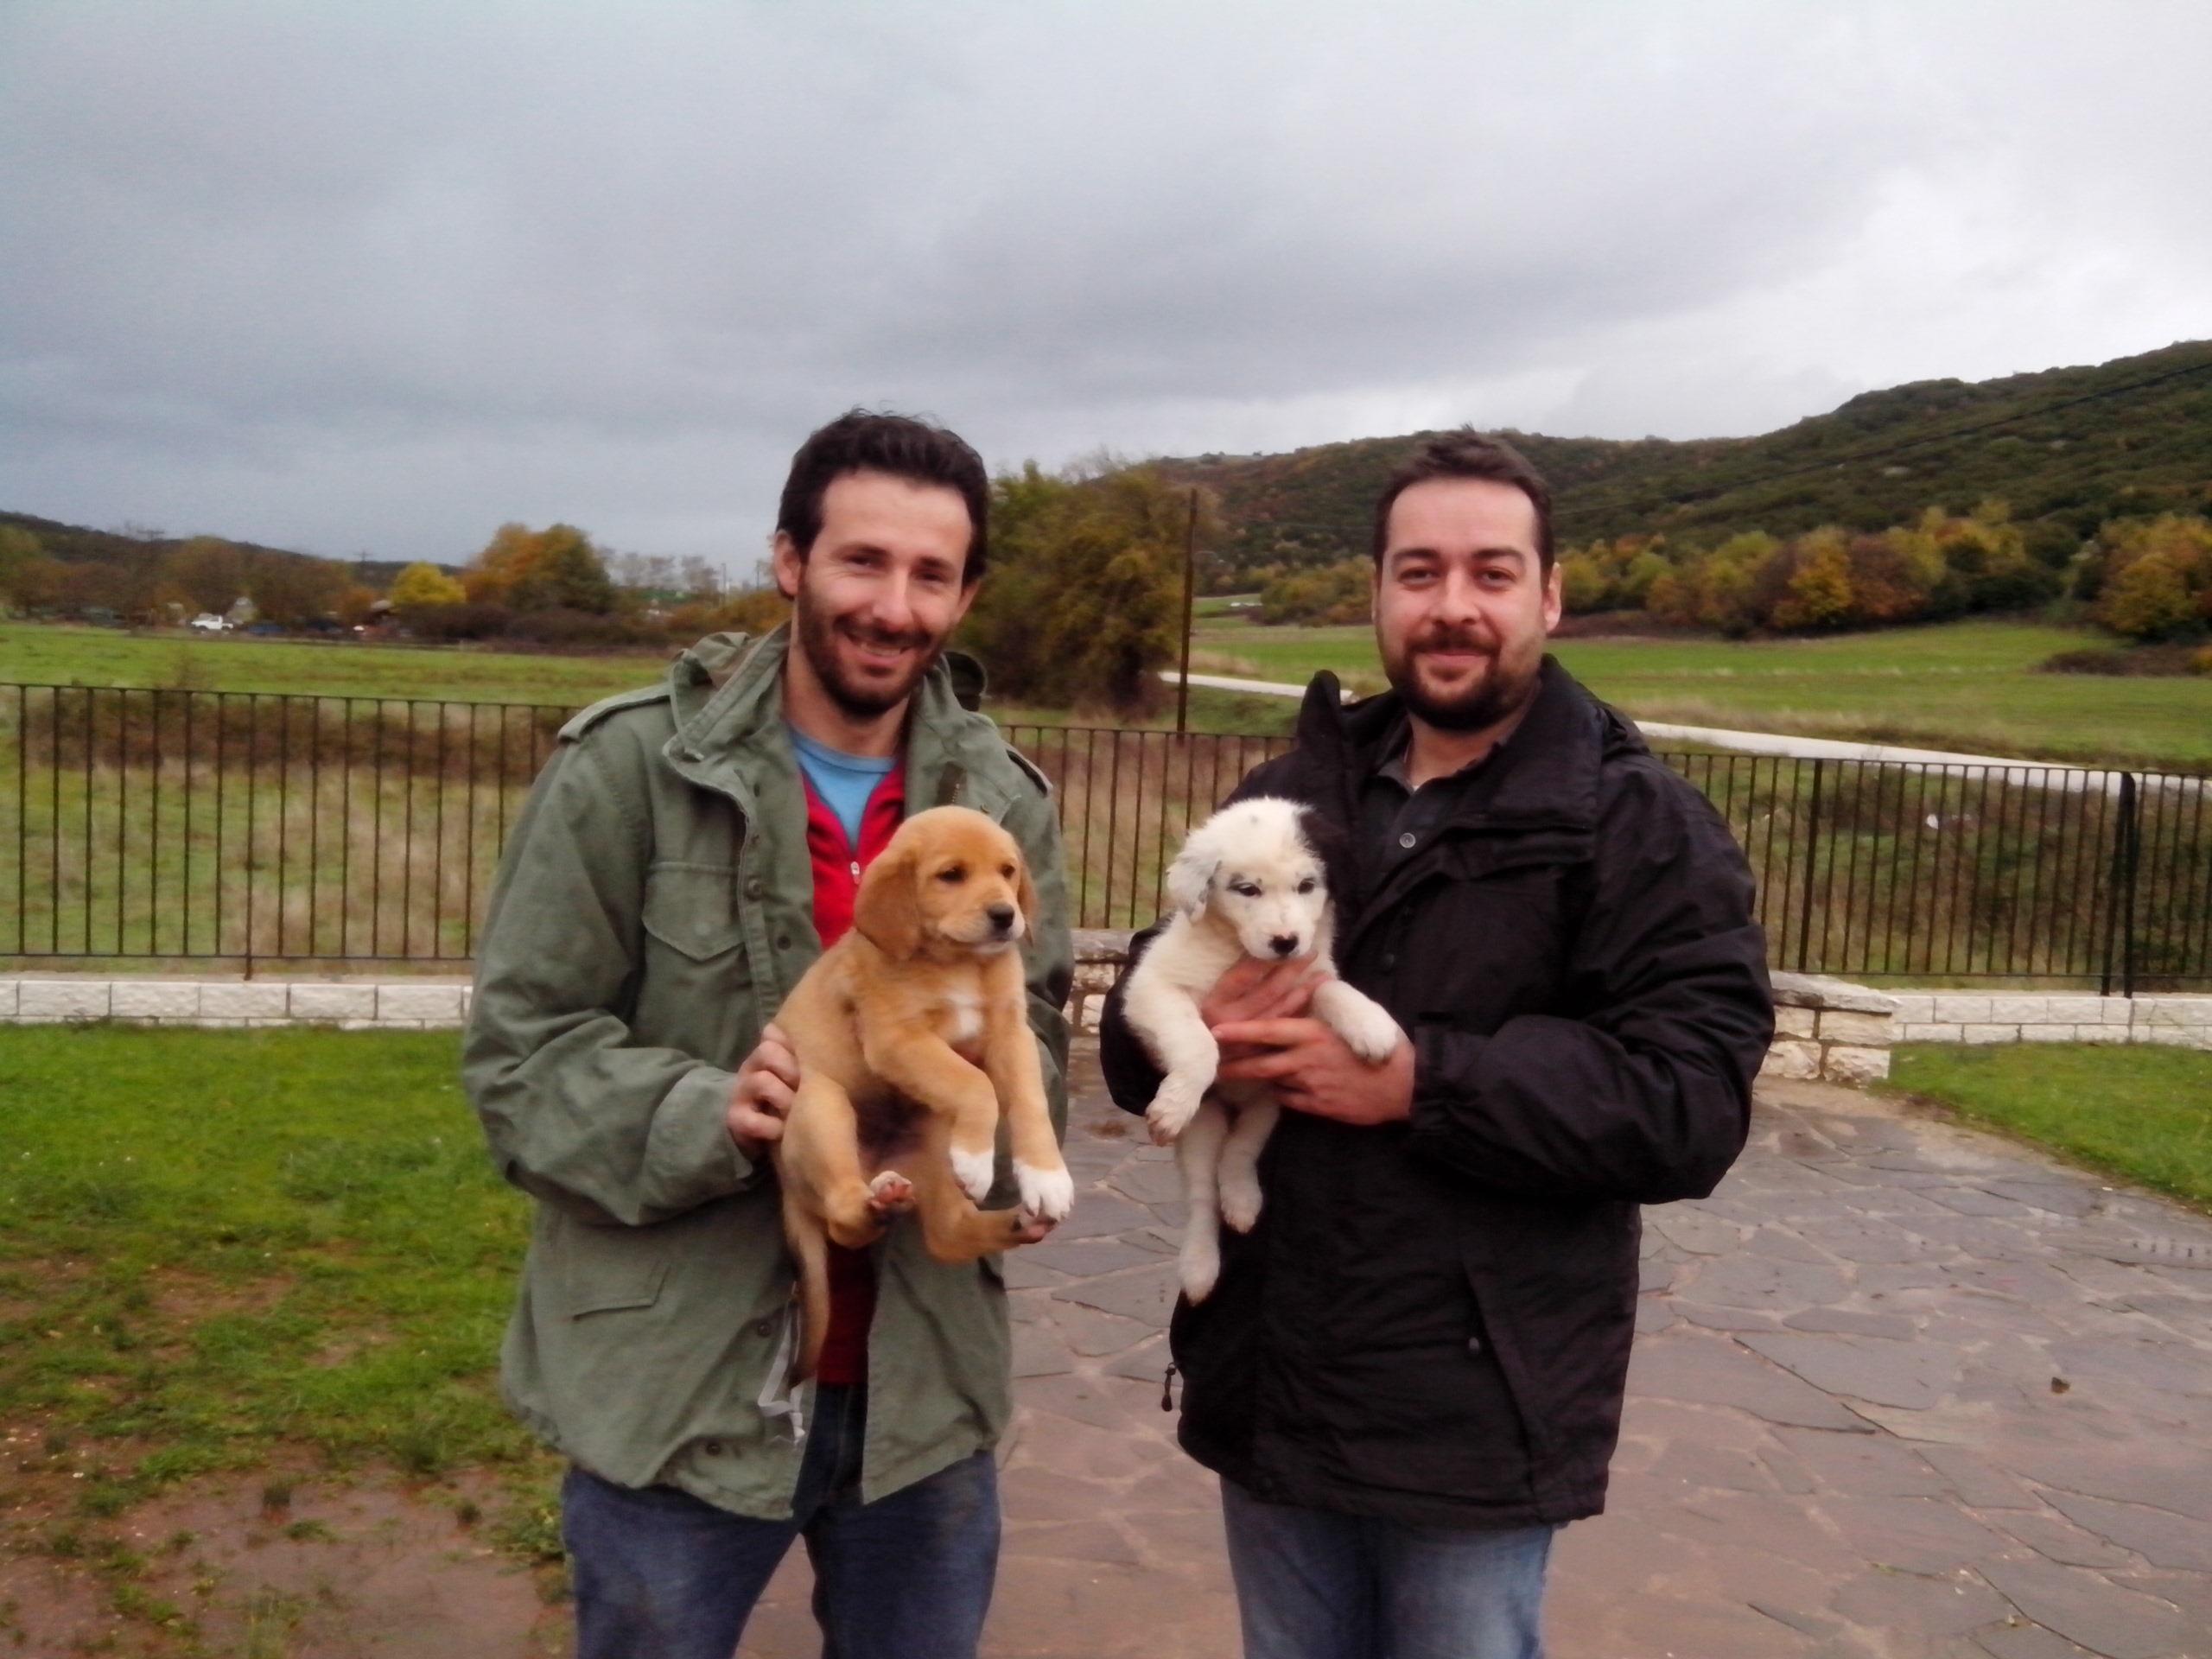 Κουτάβια ελληνικών ποιμενικών χαρίστηκαν σε κτηνοτρόφους του Εθνικού Πάρκου Βόρειας Πίνδου